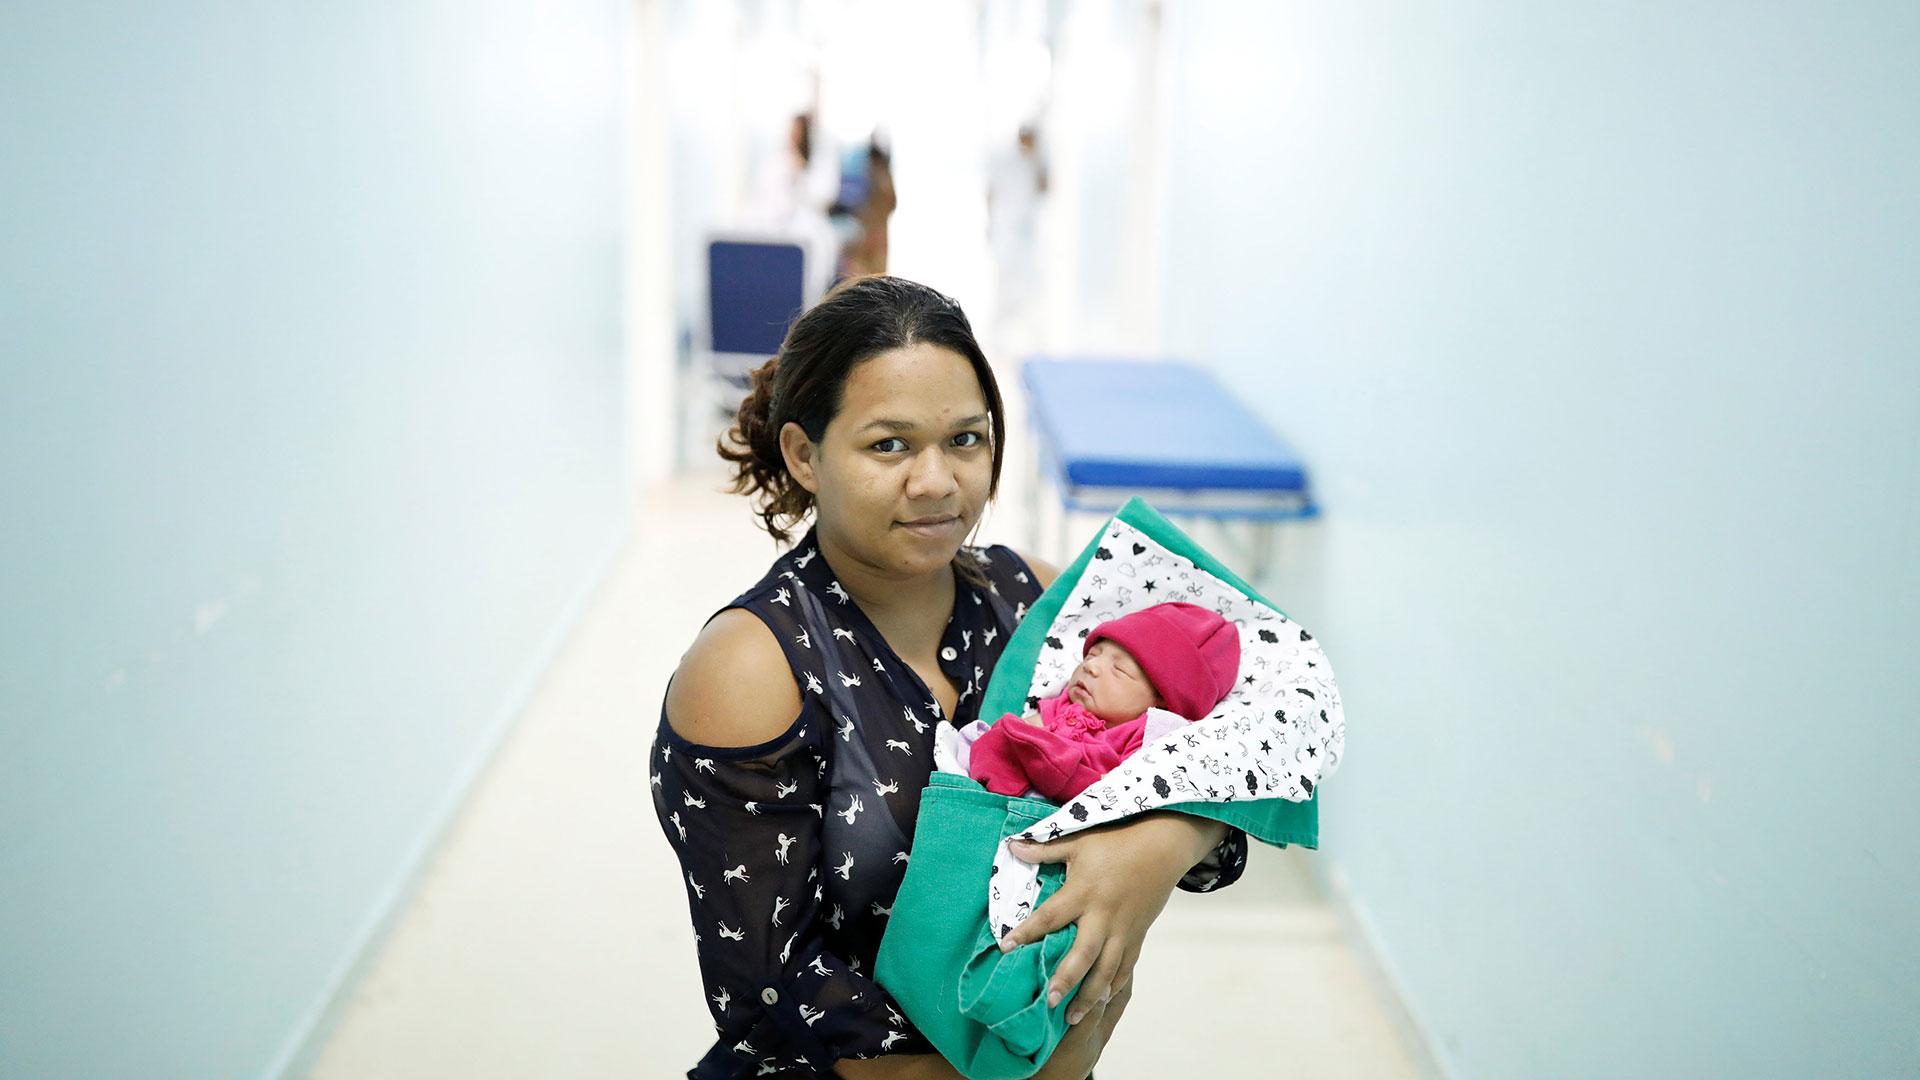 Jackeline, 24, venezolana del estado de Bolívar, sostiene a su bebé Sofía de cuatro días en una maternidad en Boa Vista, estado de Roraima, Brasil, el 21 de agosto de 2018.